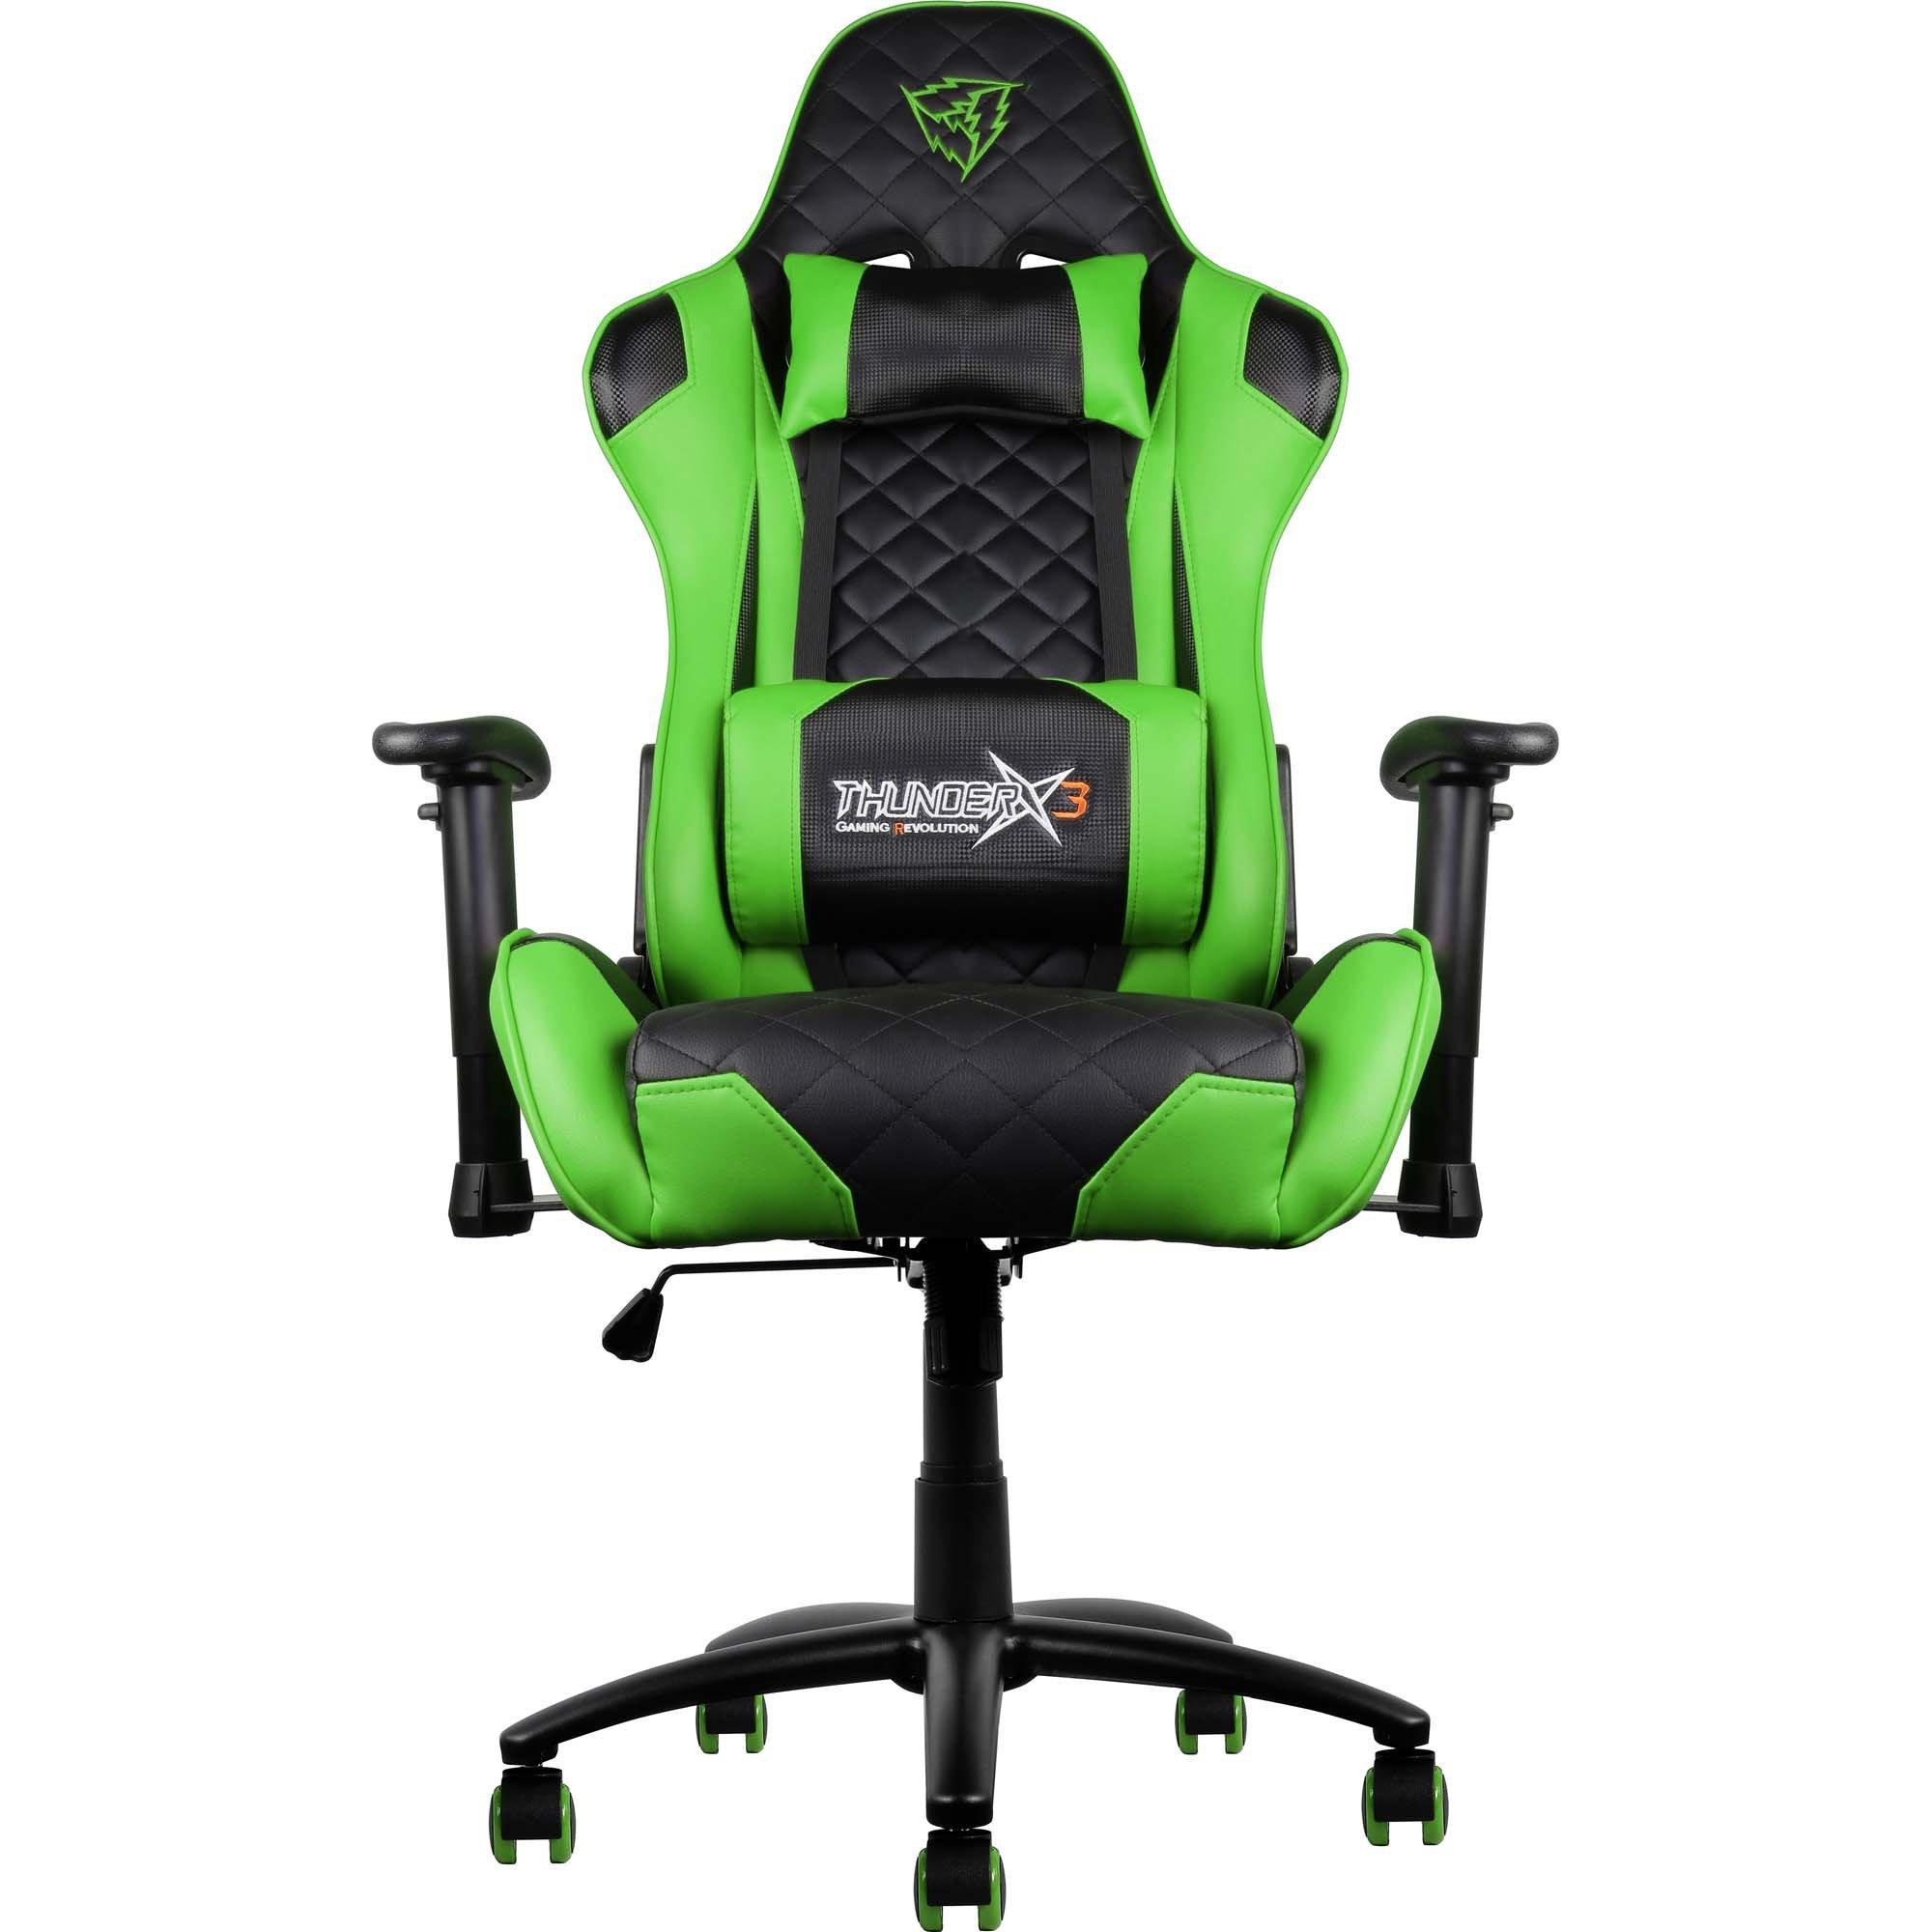 cadeira gamer rapido preta verde thunderx3 profissional tgc12 43832 2000 191588 1